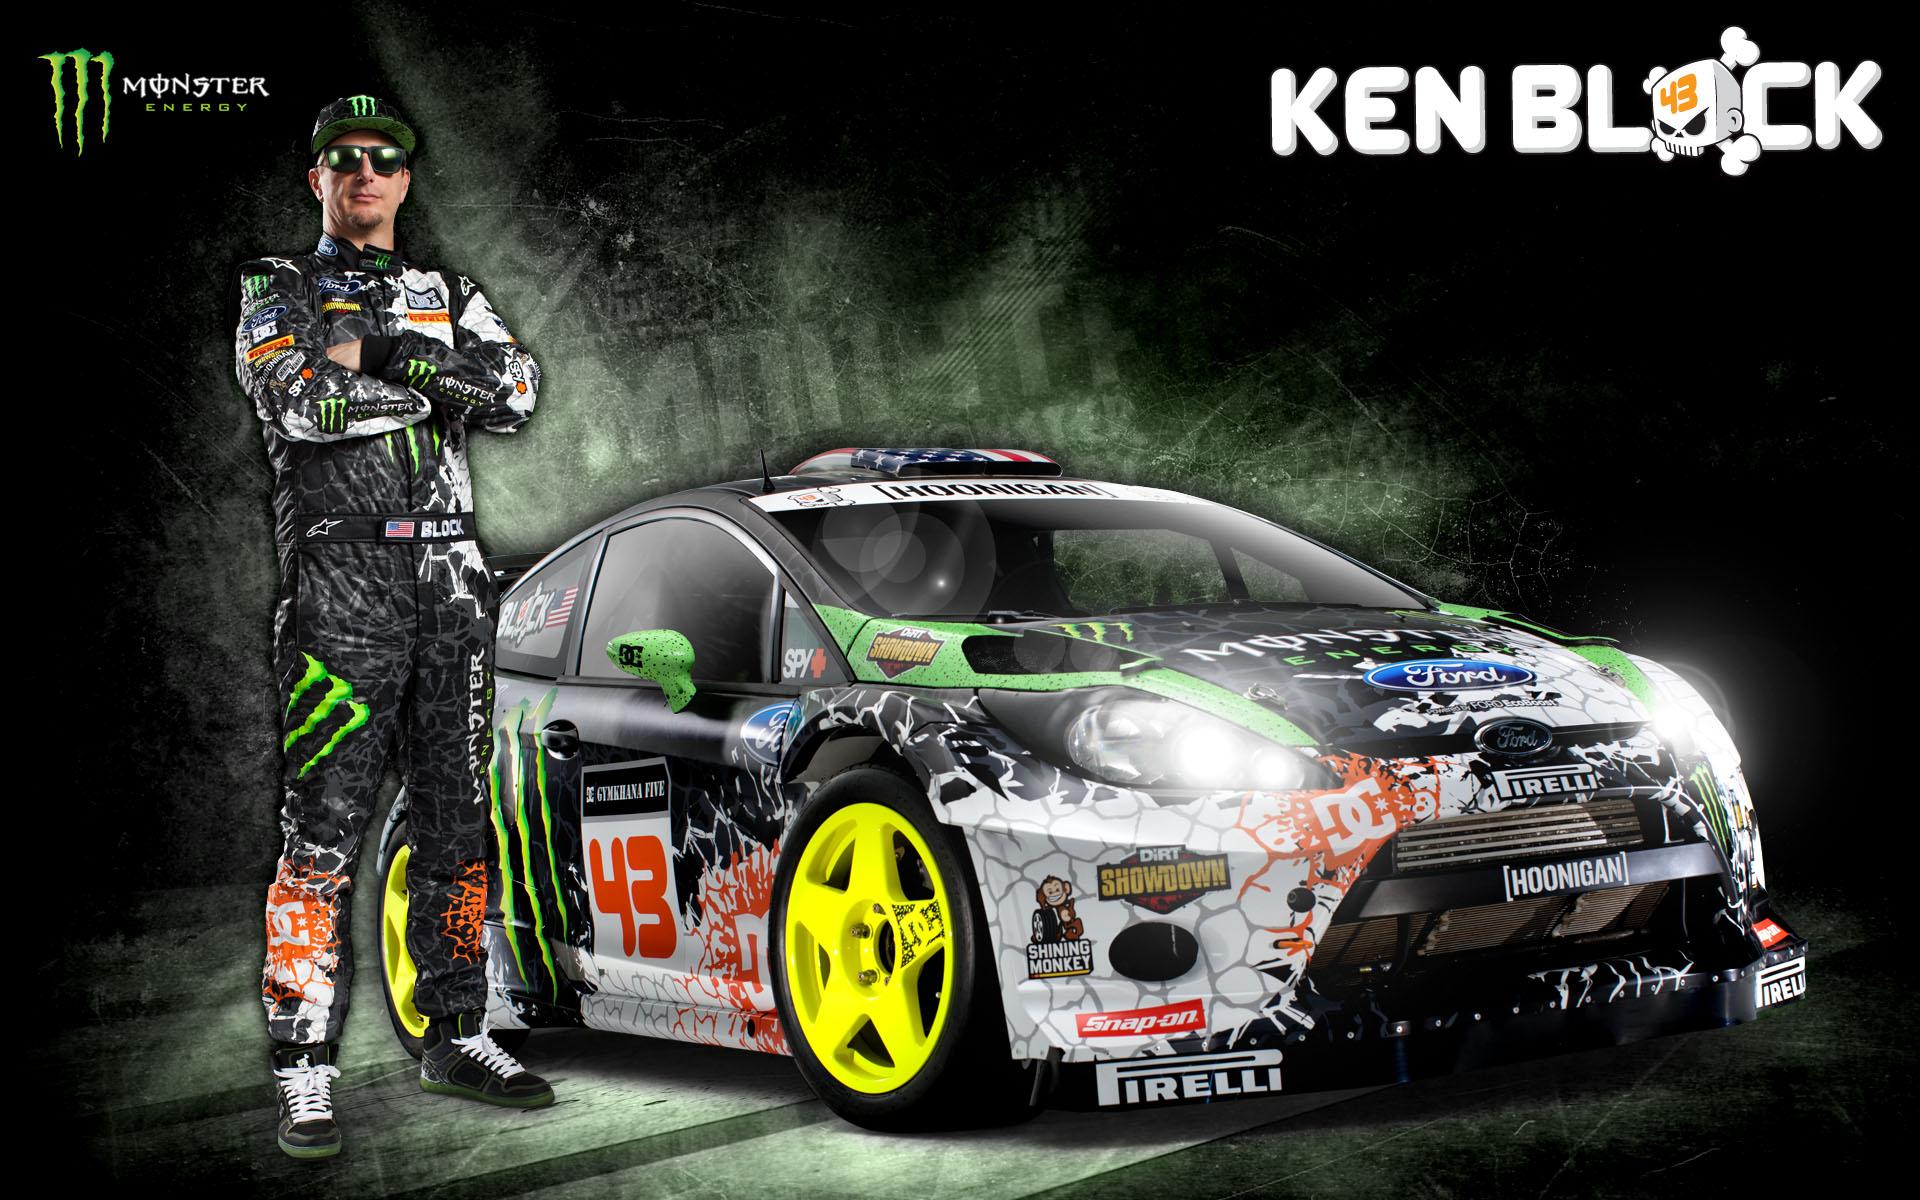 Ken Block Pictures